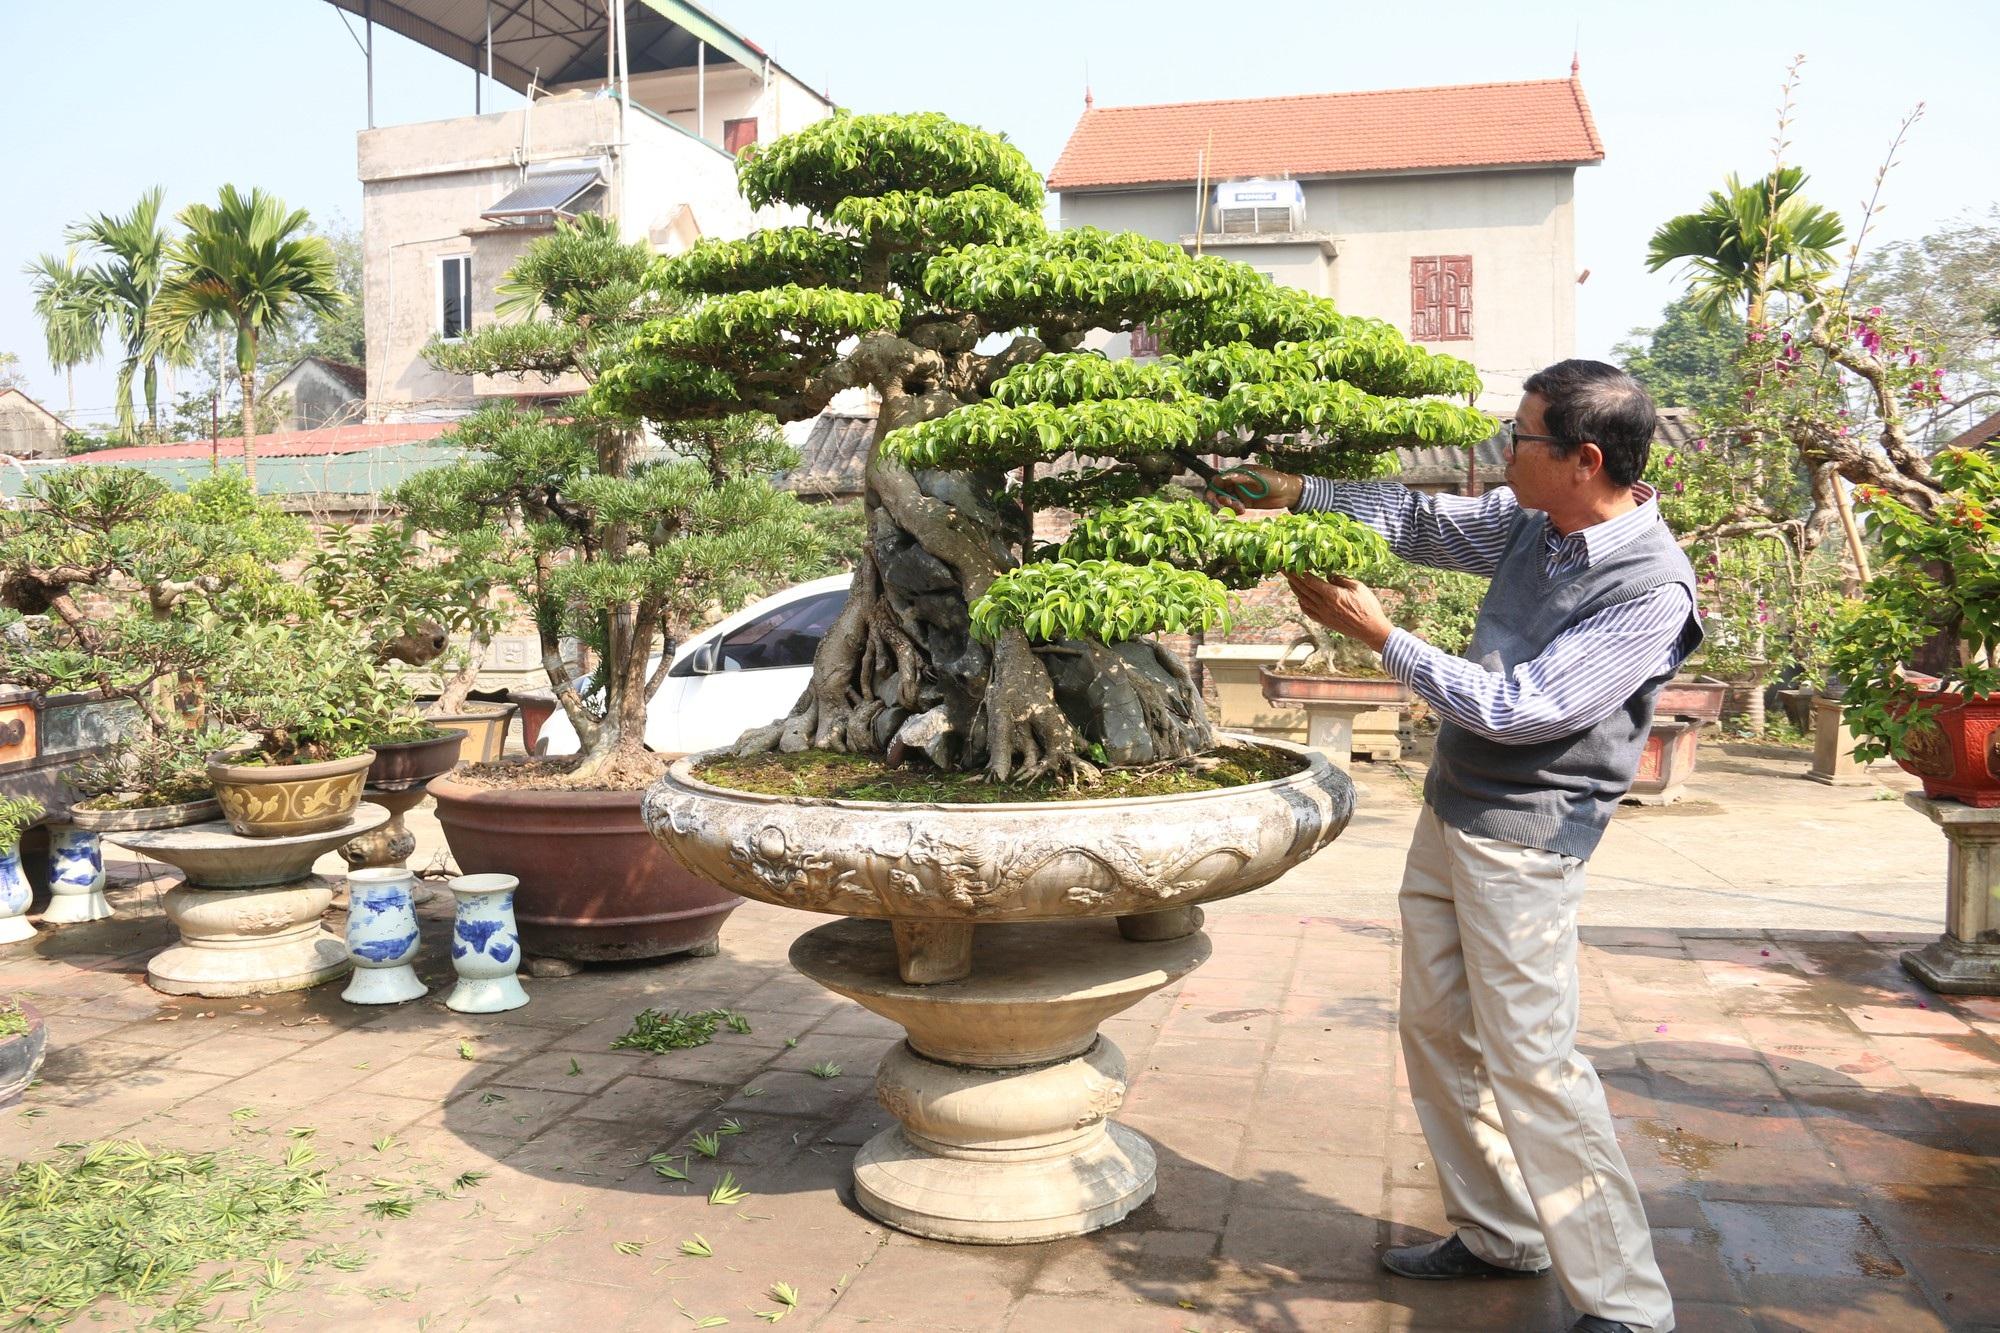 Chiêm ngưỡng sanh cổ dáng phượng giá triệu đô của ông vua cây cảnh Việt Nam - Ảnh 2.